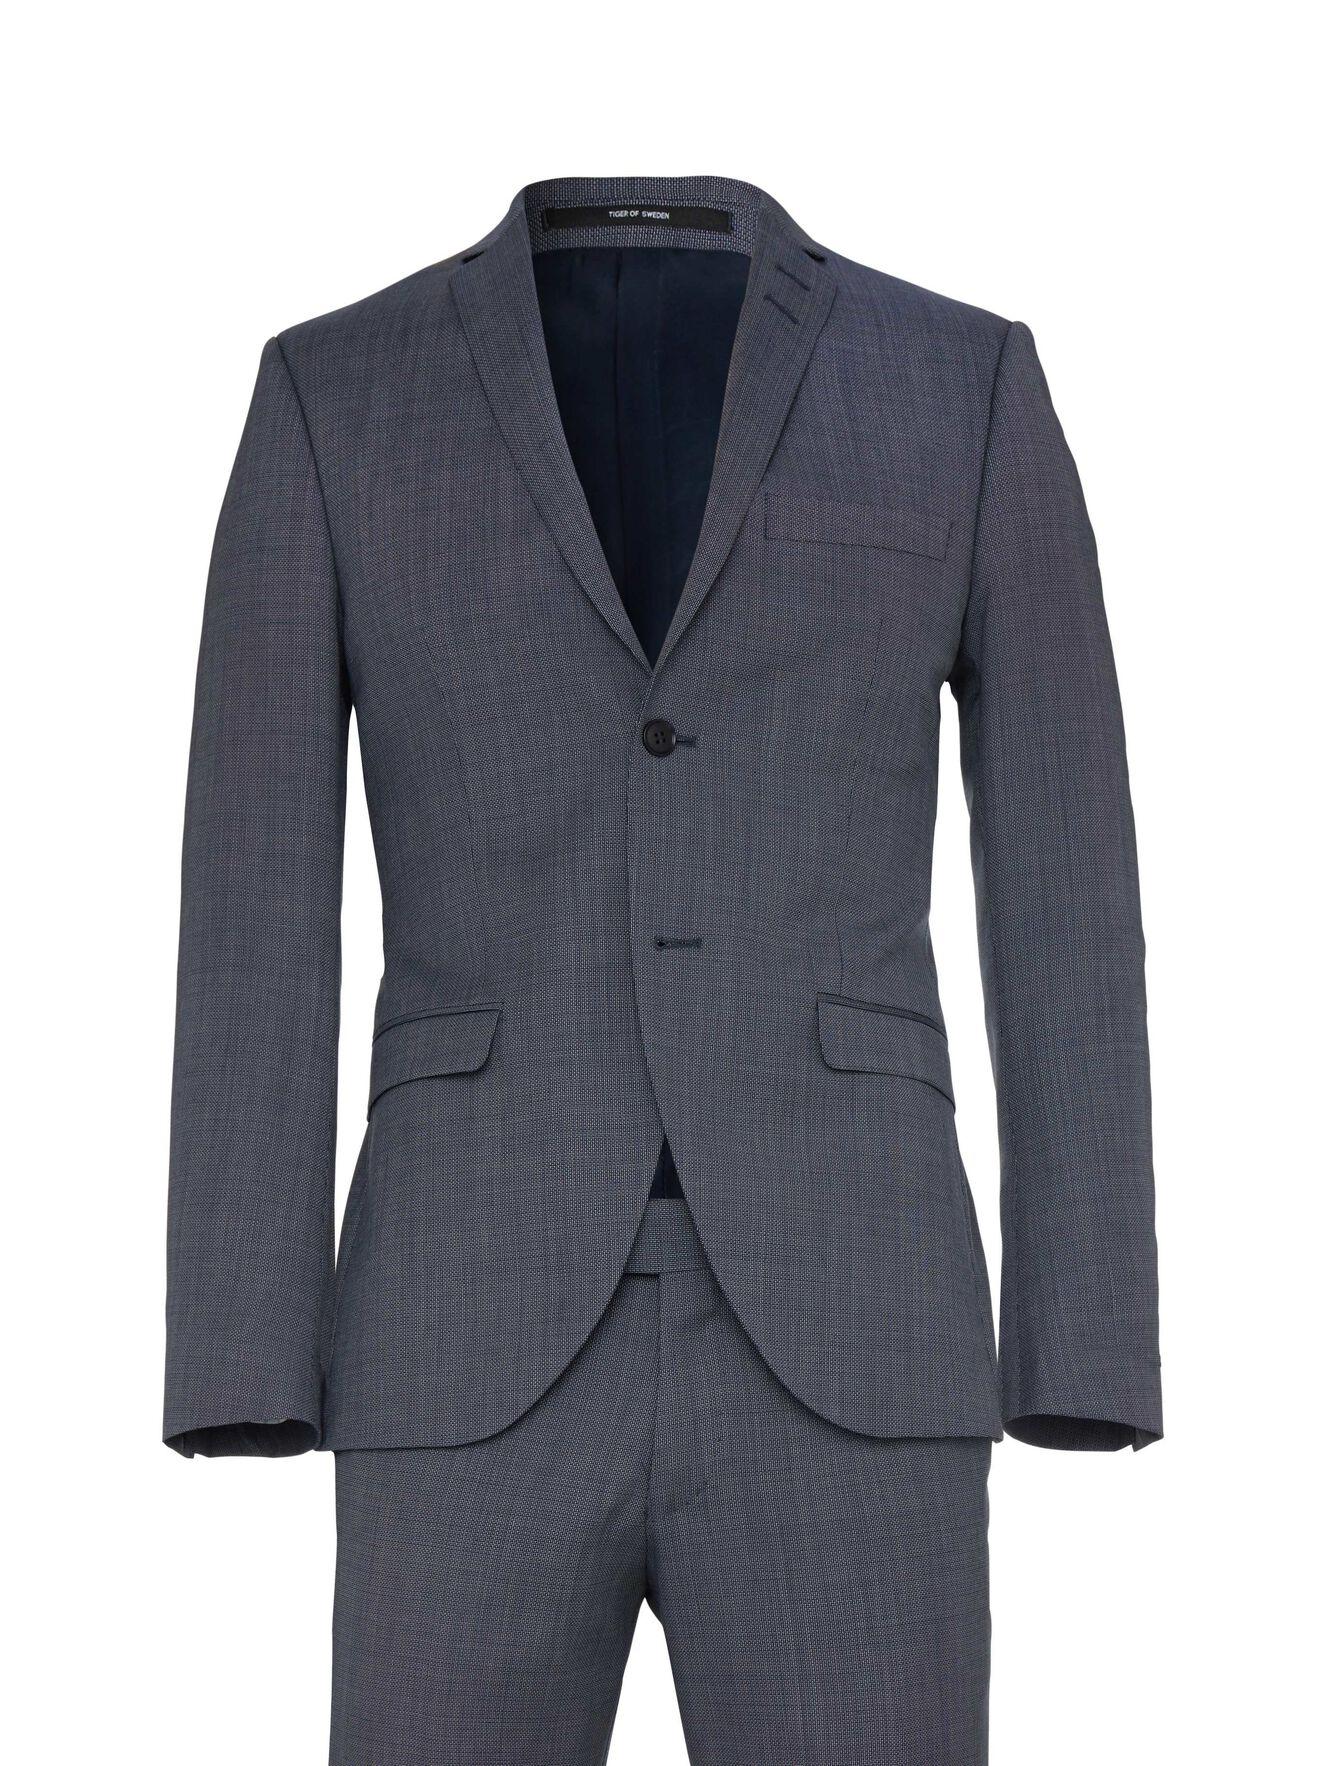 Jil 8 Suit in Soft Blue Melange from Tiger of Sweden